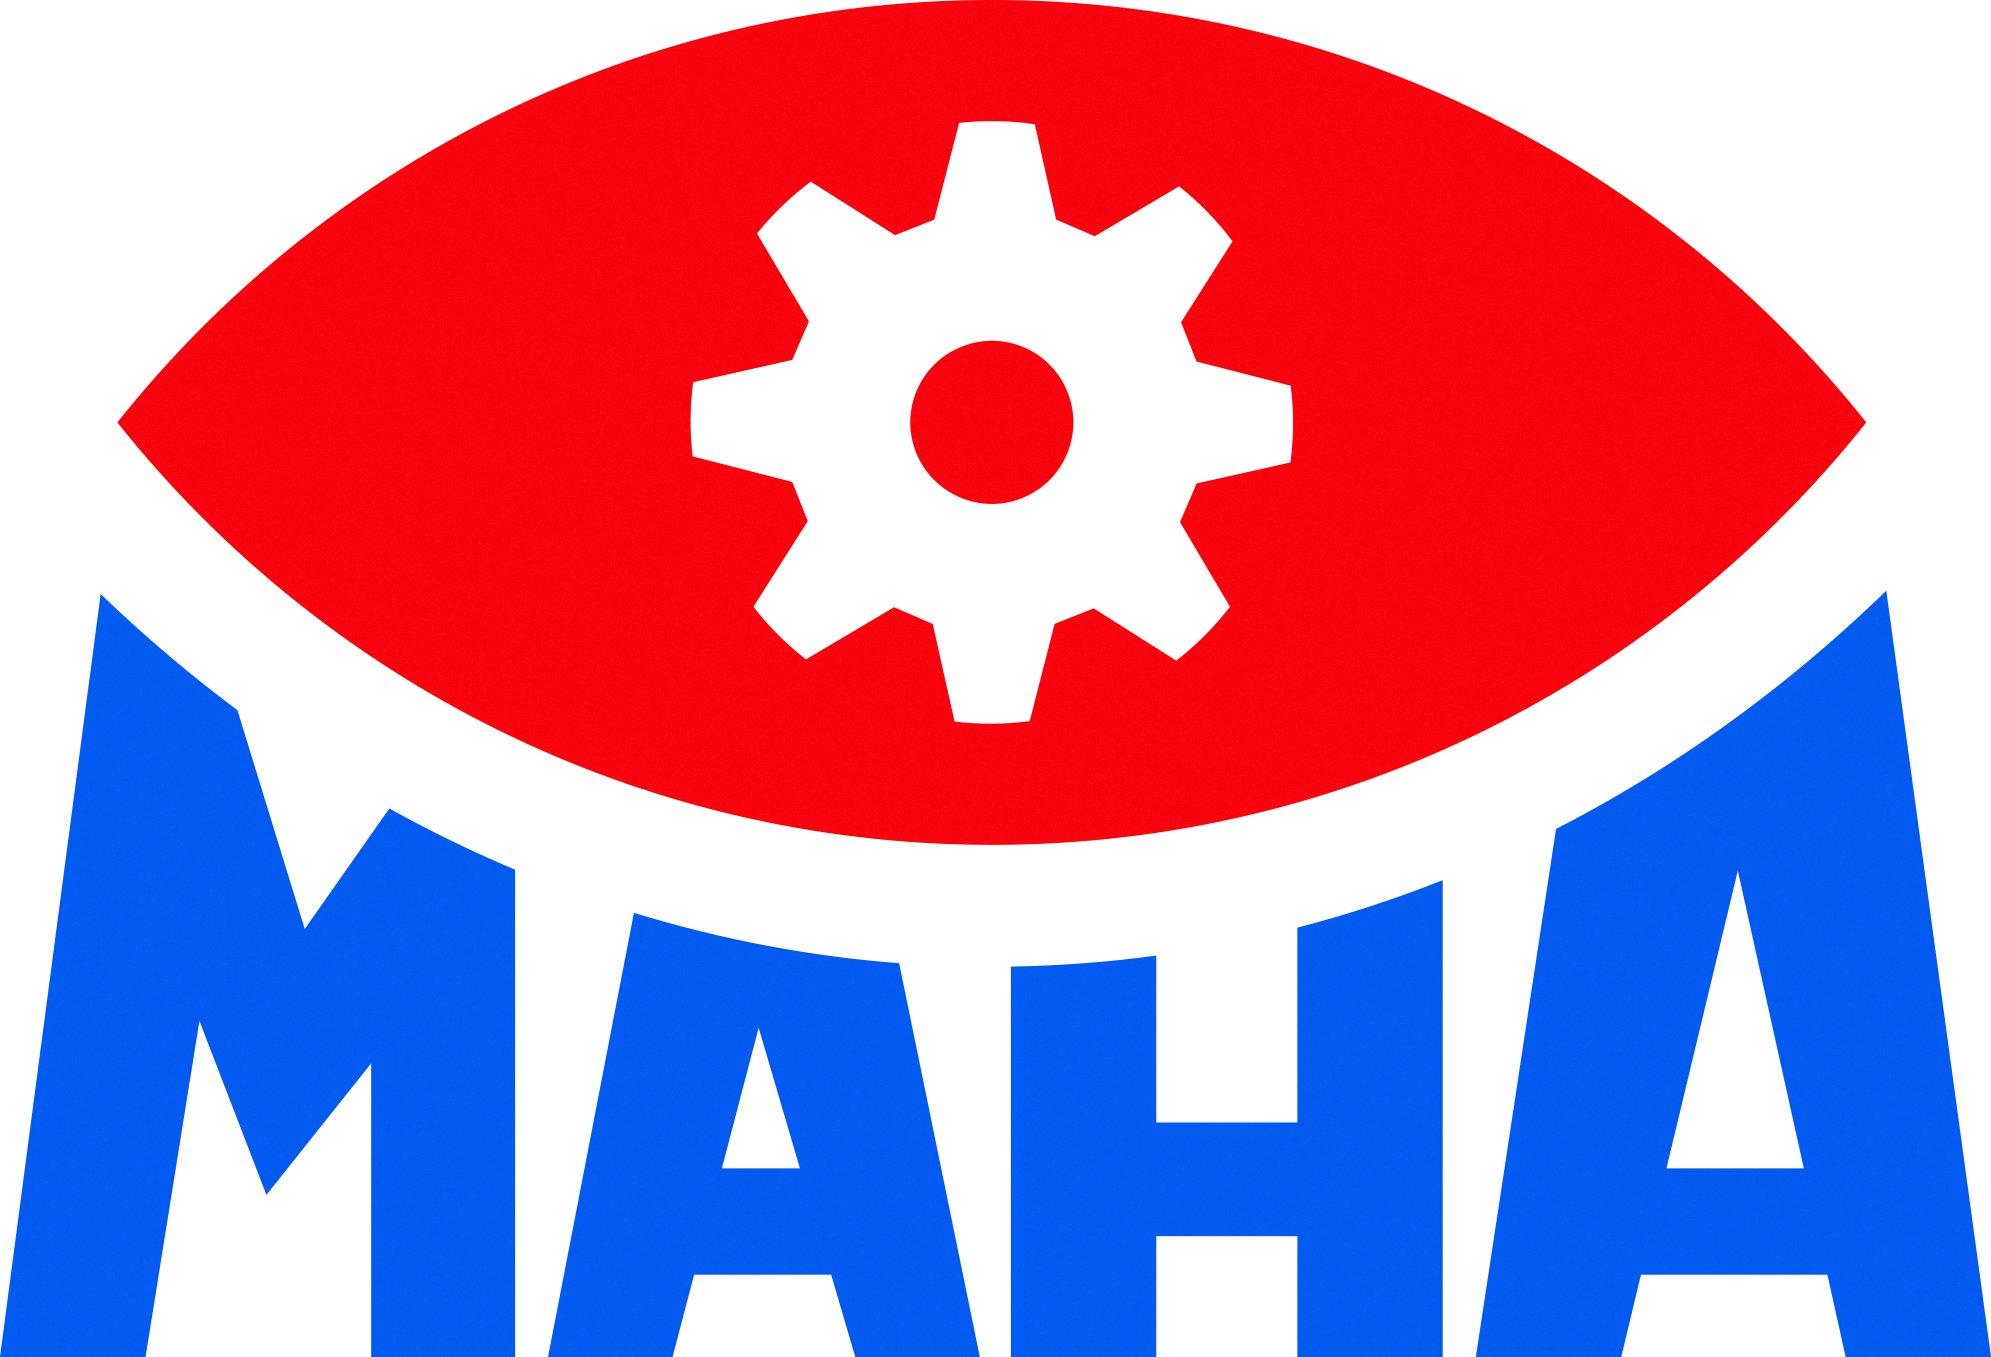 Maha France